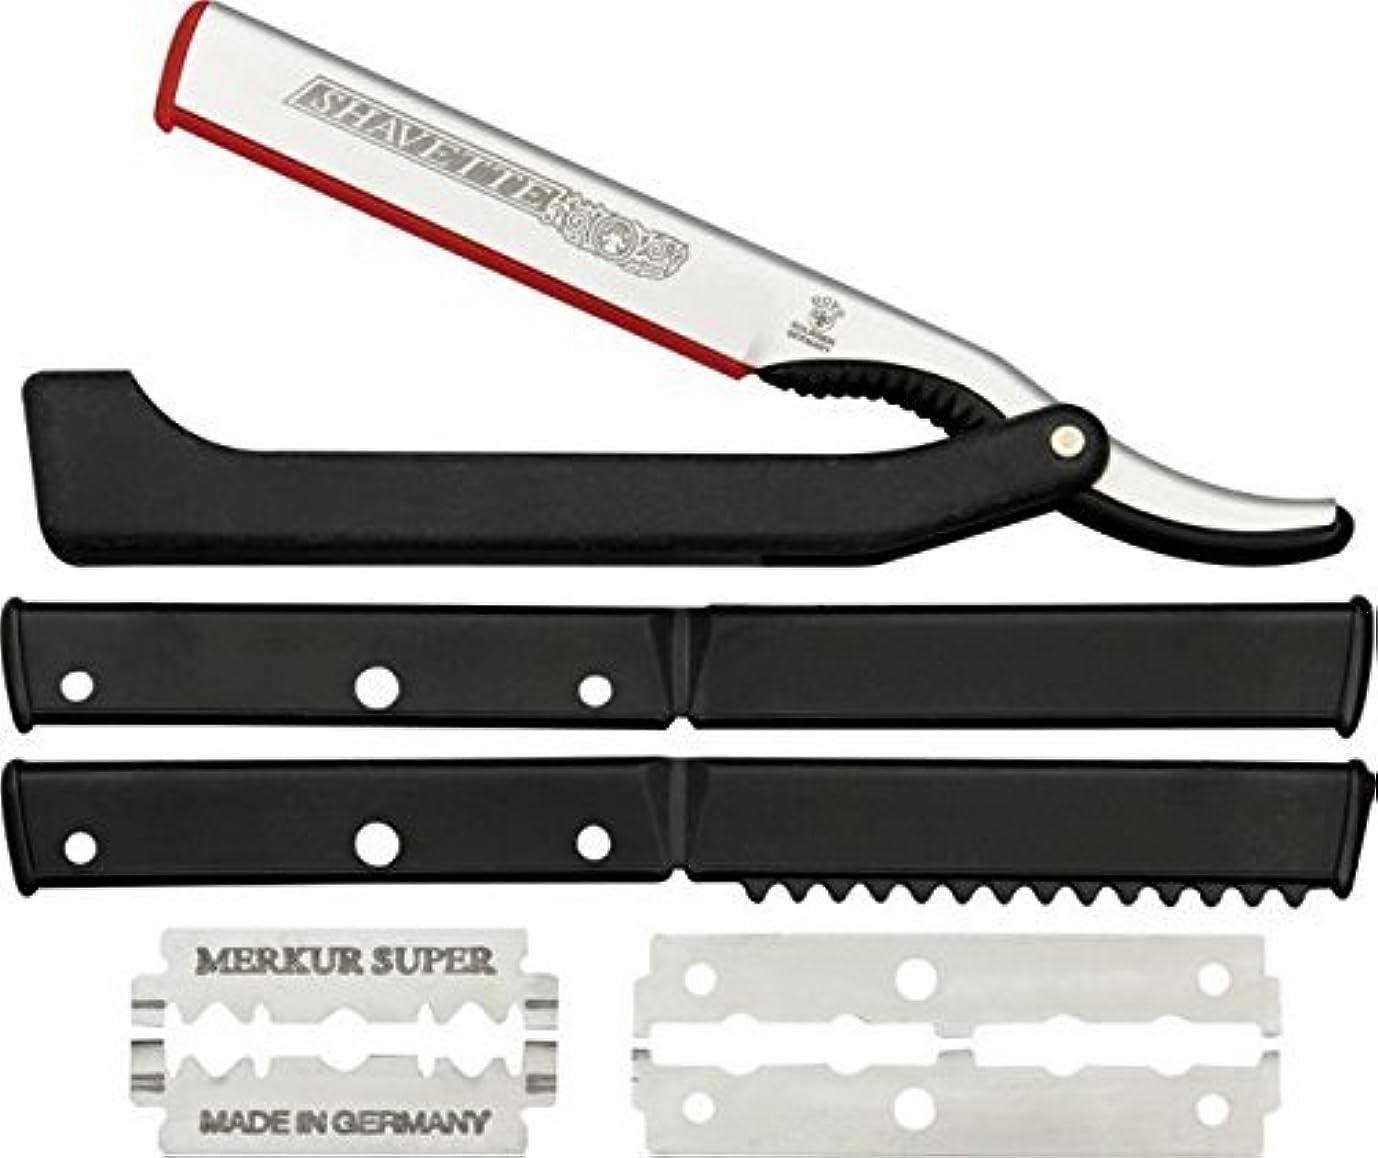 ダイエットハッピー奪うDOVO Solingen - Shavette, straight edge razor, changeable blade, 201081